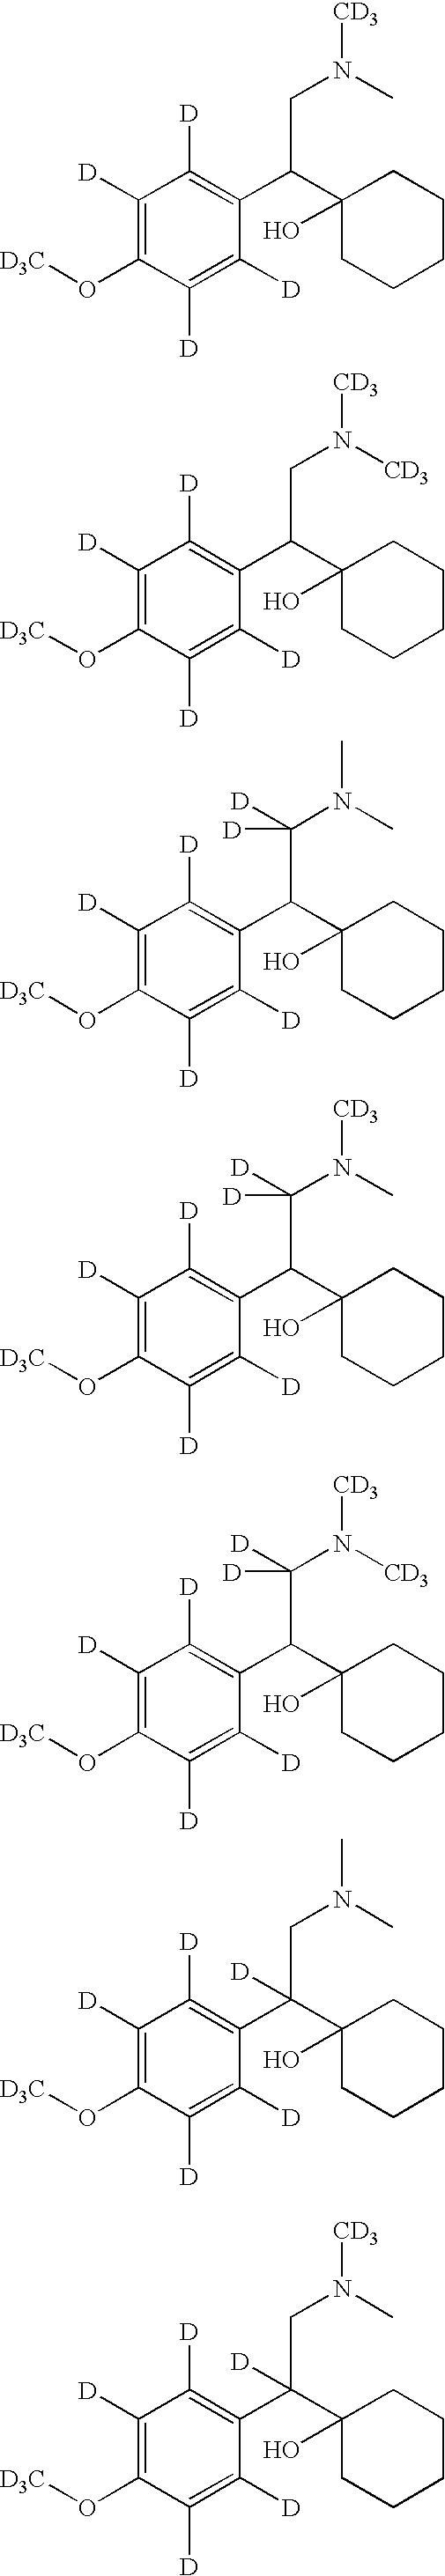 Figure US07456317-20081125-C00015